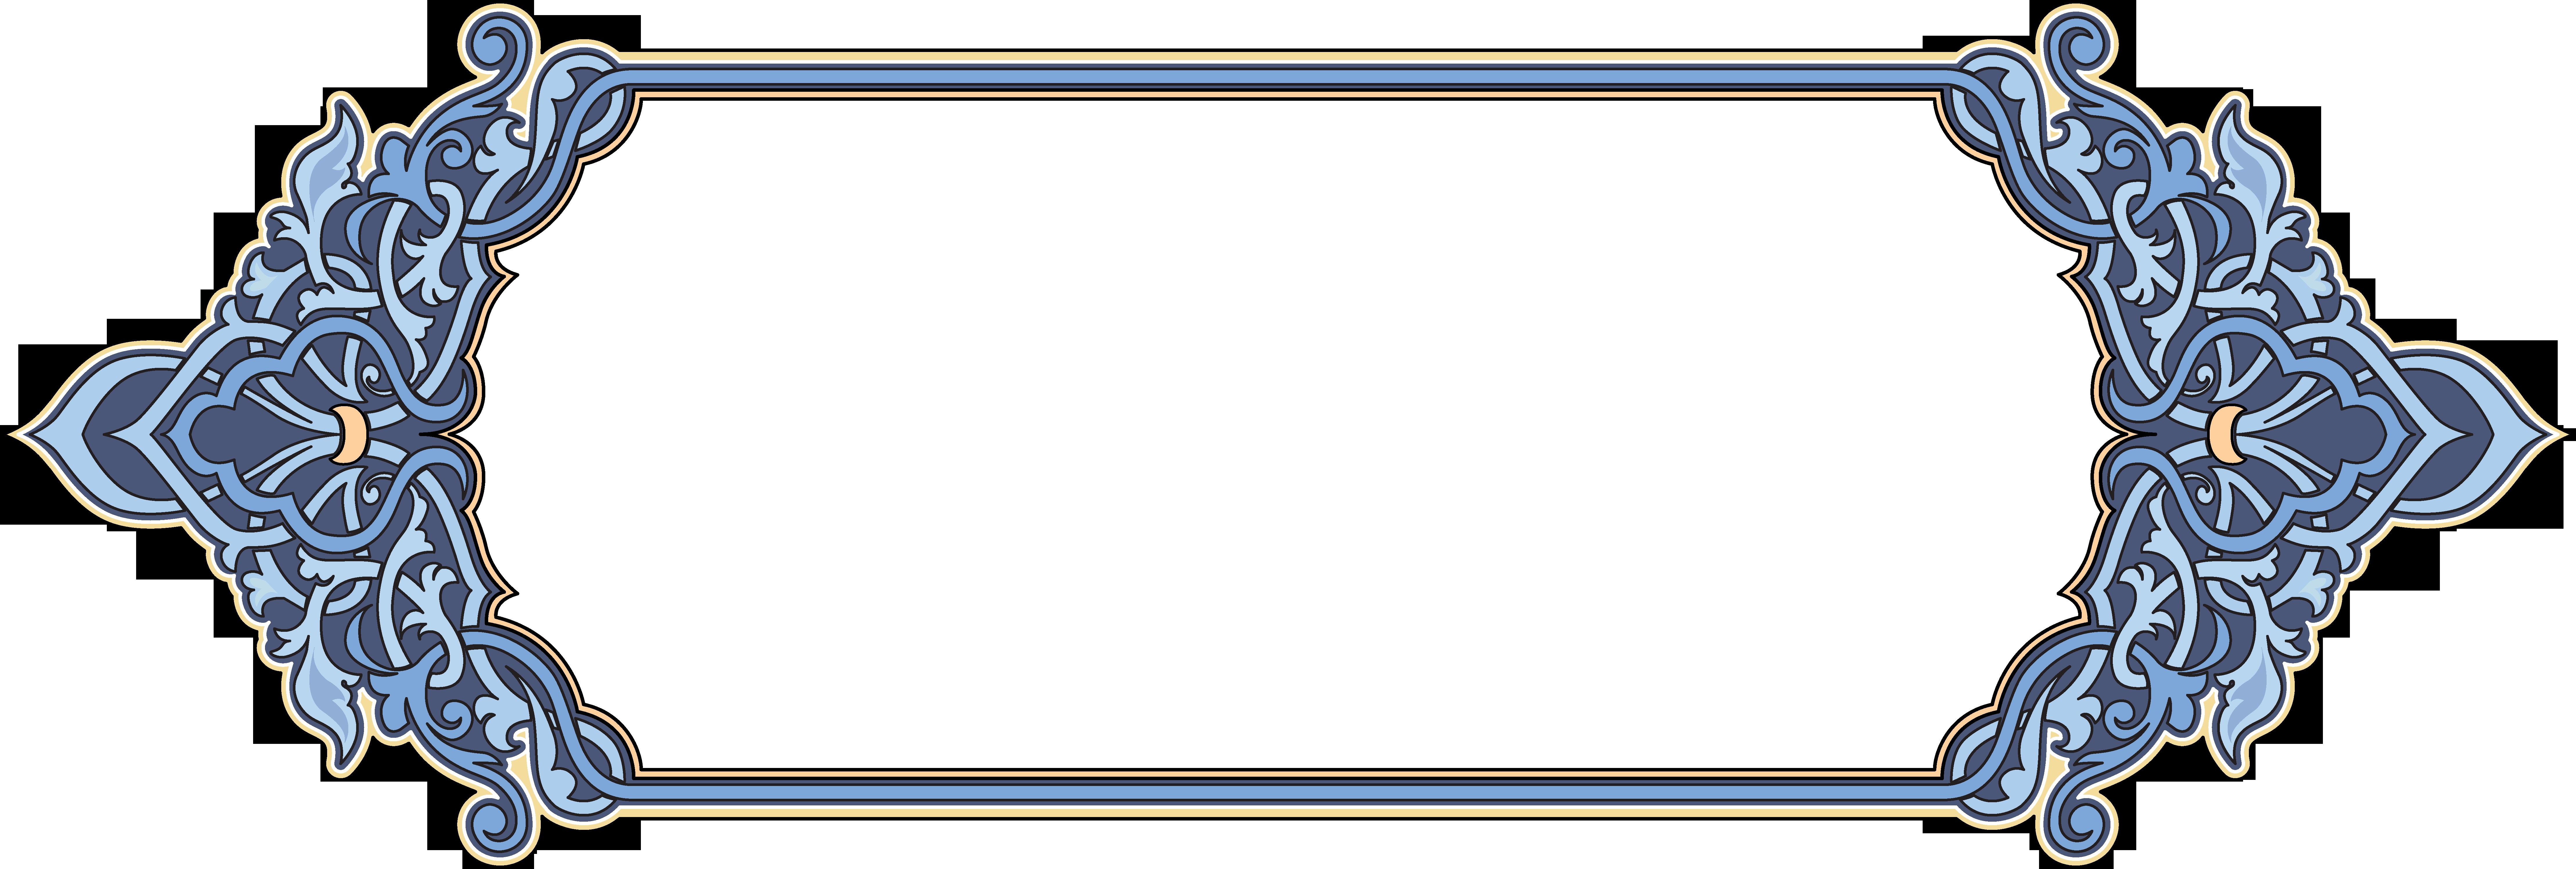 vin141.png (8875×2993) Bingkai, Gambar, Desain